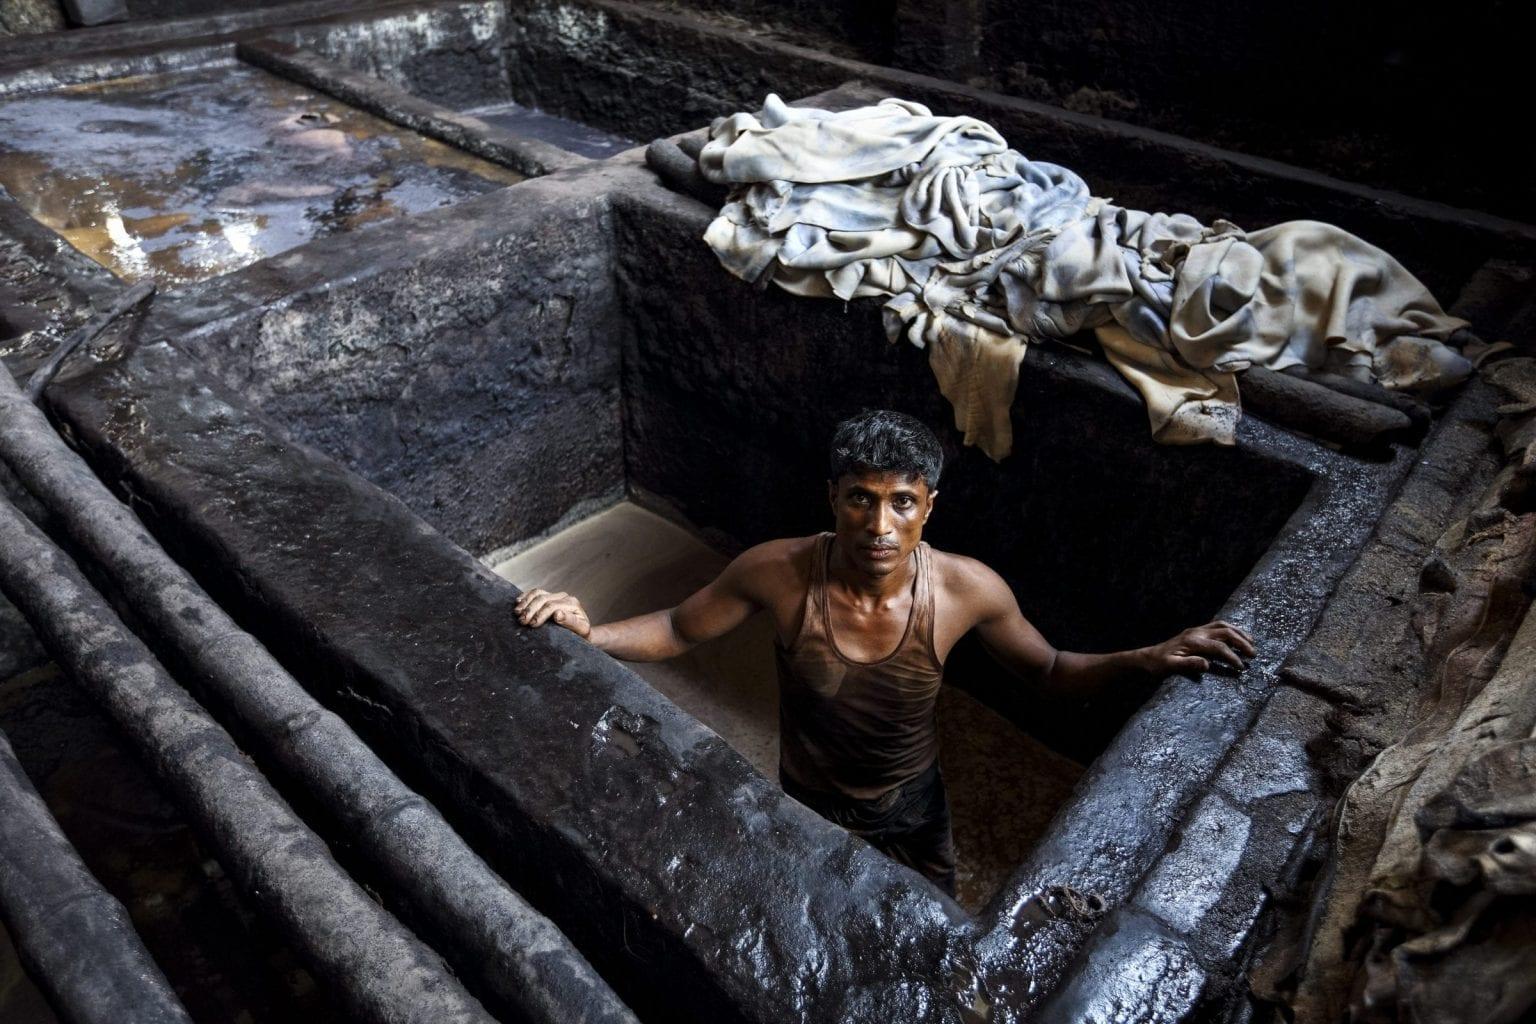 Shahabuddin på 37 er tidligere garveriarbejder på fabrikken Hazaribagh i Bangladesh. Farvning og garvning af læder foregår ofte uden beskyttelsesudstyr i åbne kar med kemikalier og skind. Foto: GMB Akash